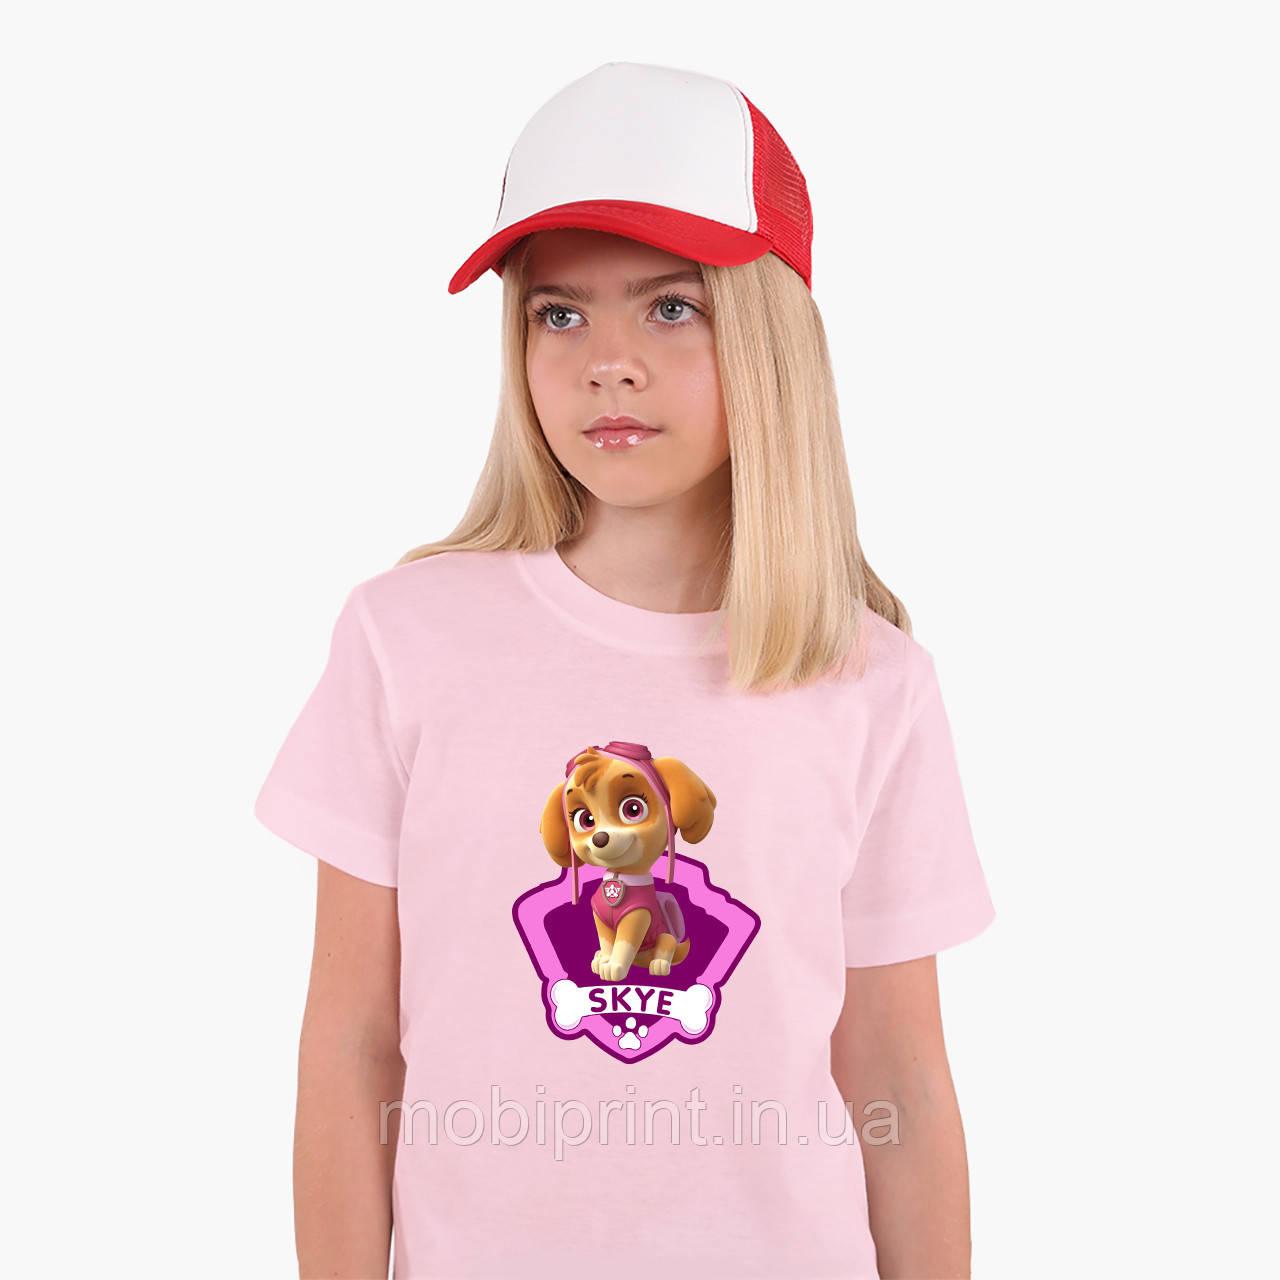 Детская футболка для девочек Щенячий патруль (PAW Patrol) (25186-1609) Розовый